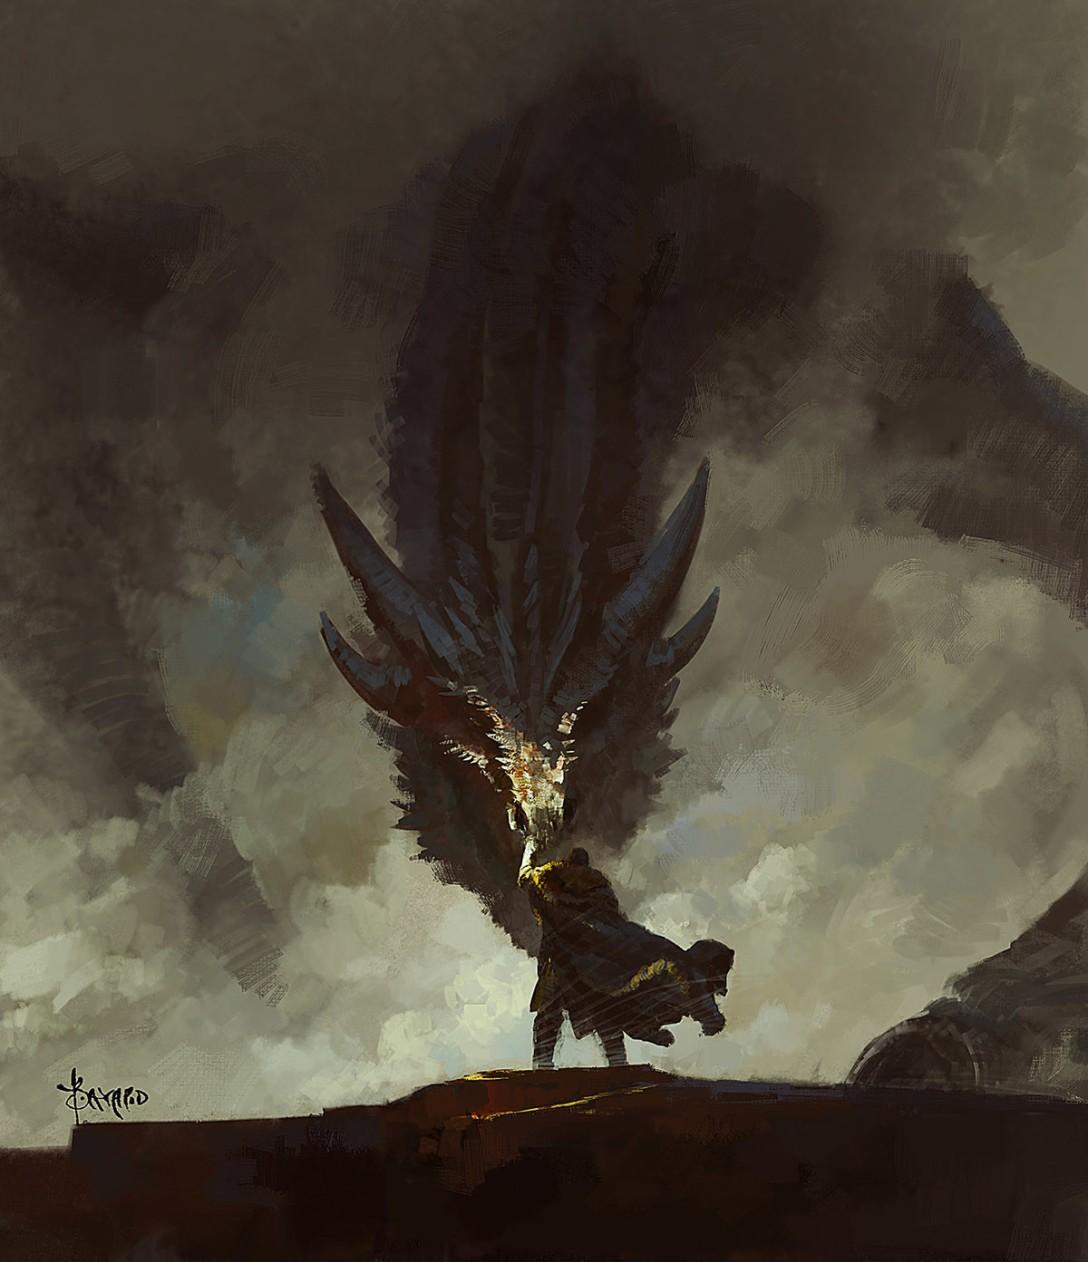 Chyba nie potrzebujemy już kolejnych dowodów na to, że Jon ma z Targaryenami więcej wspólnego, niż ze śniegiem. (autor: Bayard Wu)